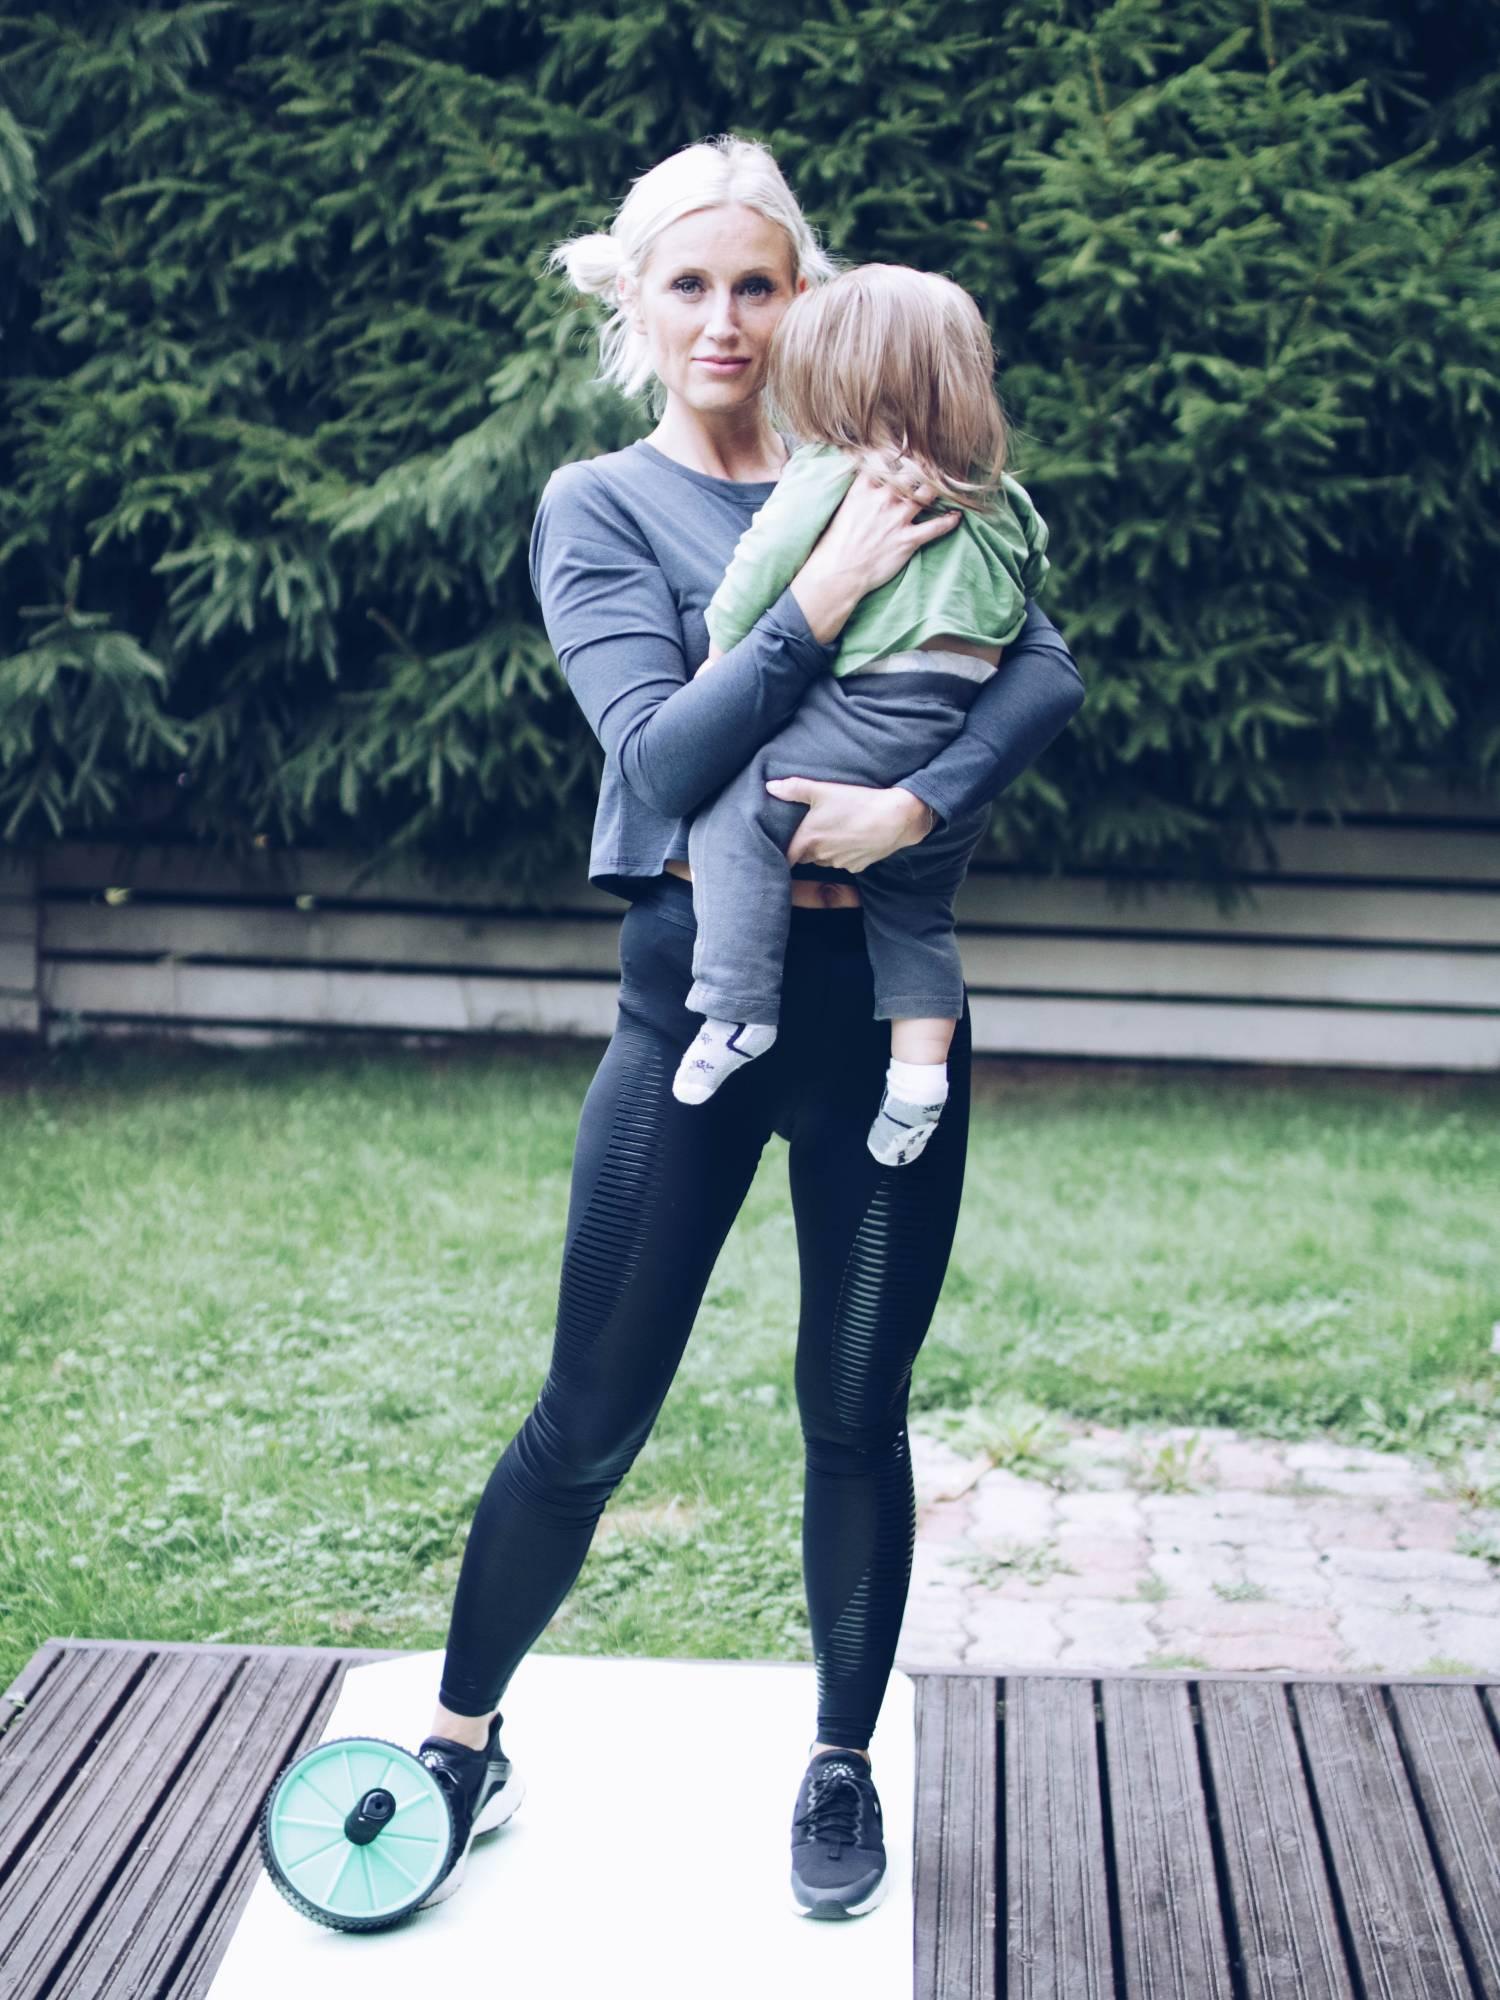 Kehoni vuosi synnytyksen jälkeen